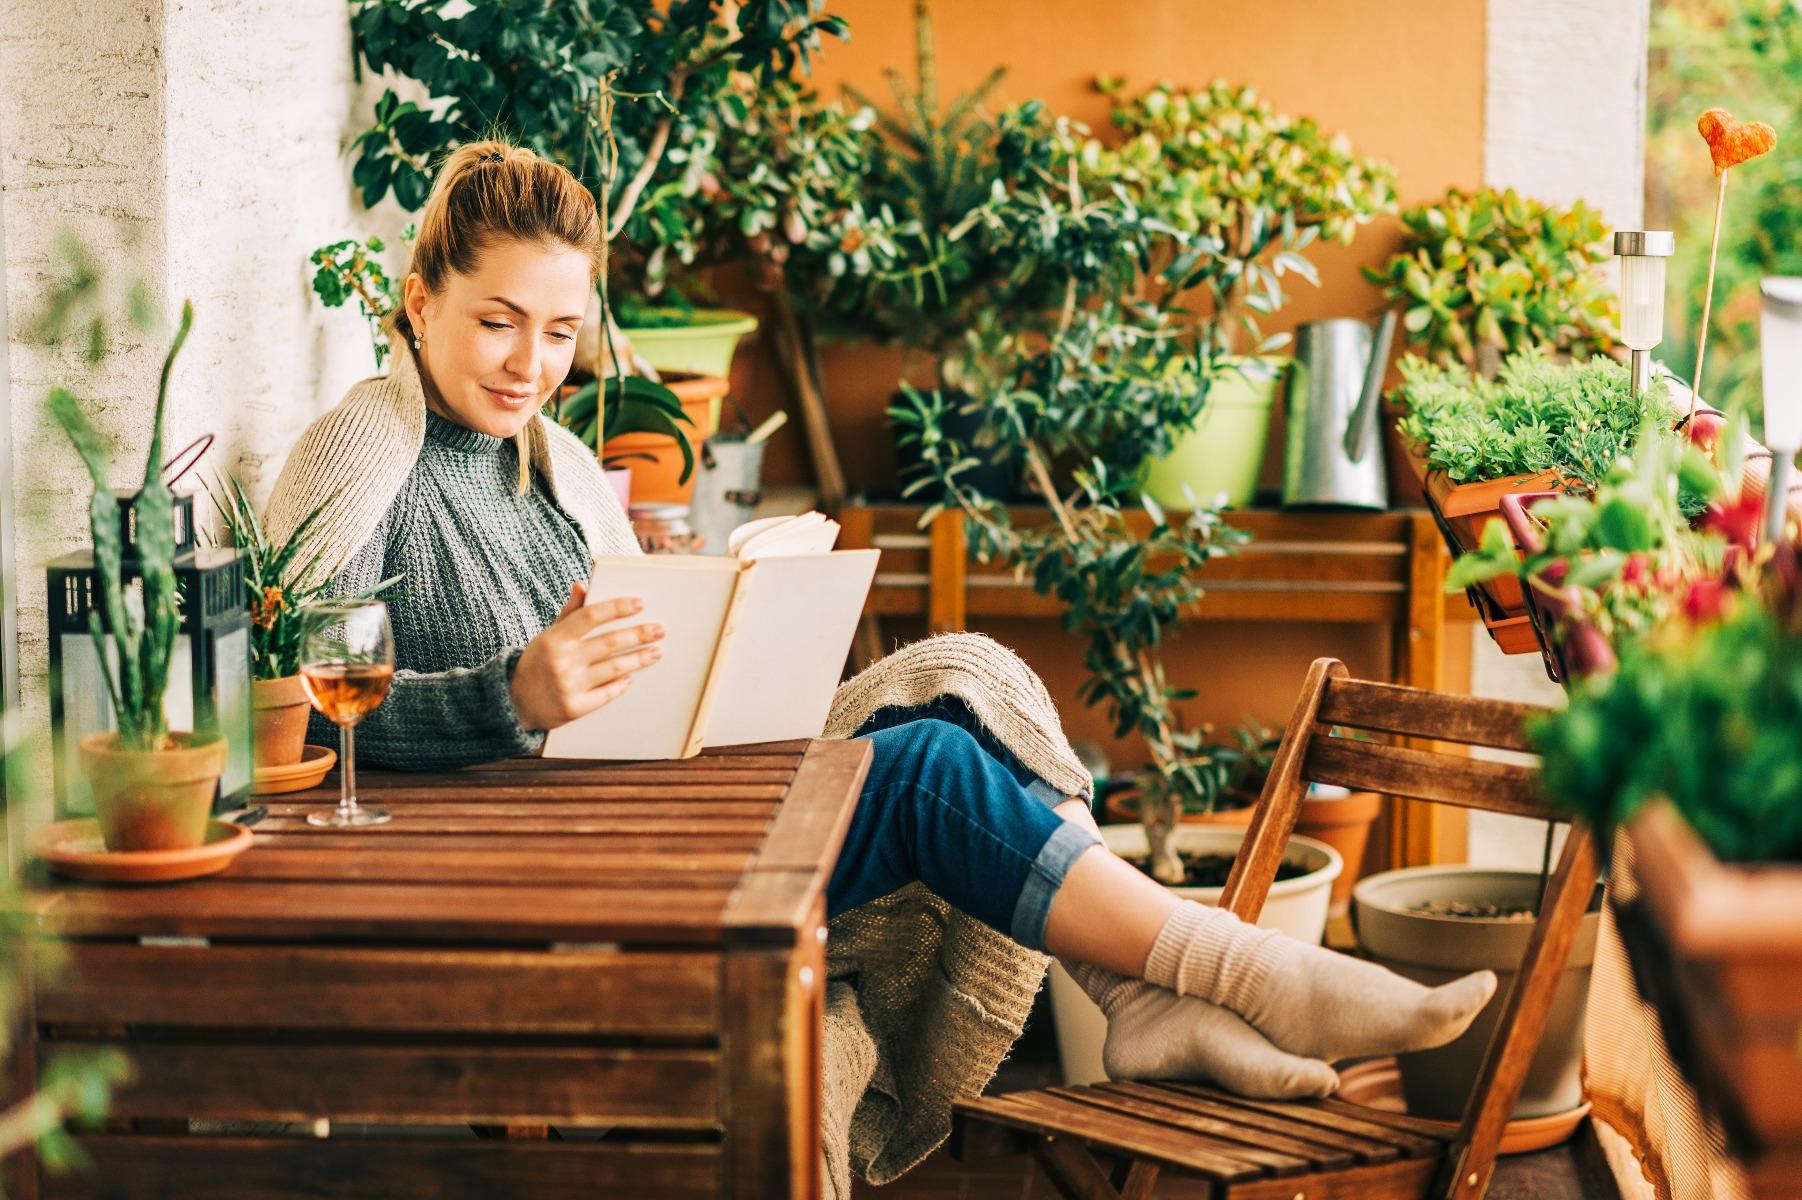 Das Bild zeigt Gartenmöbel aus Holz und eine junge Frau.